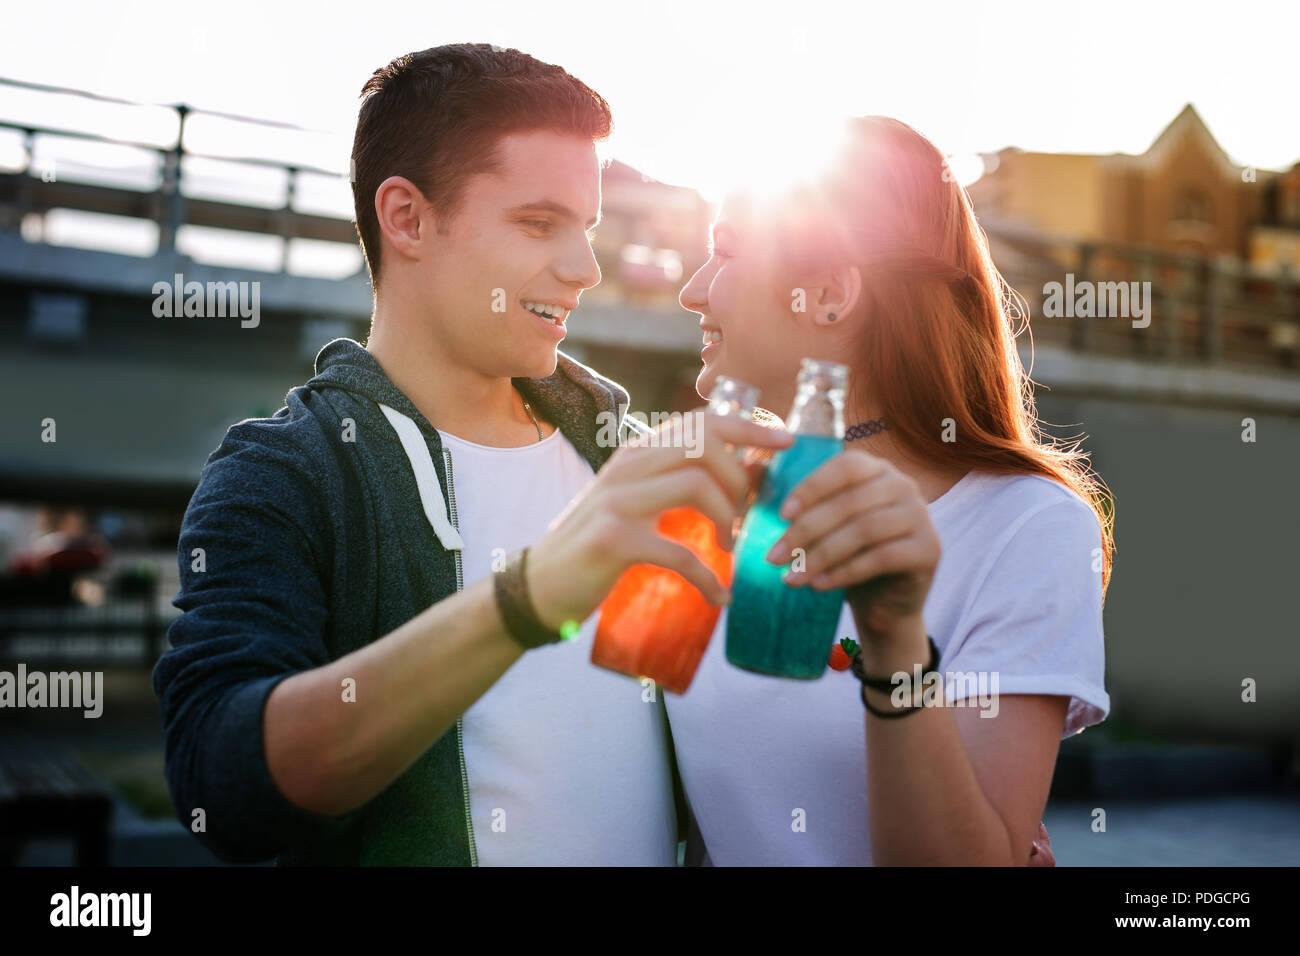 Freudige nette Leute genießen Sie Ihre Getränke so köstlich. Stockbild